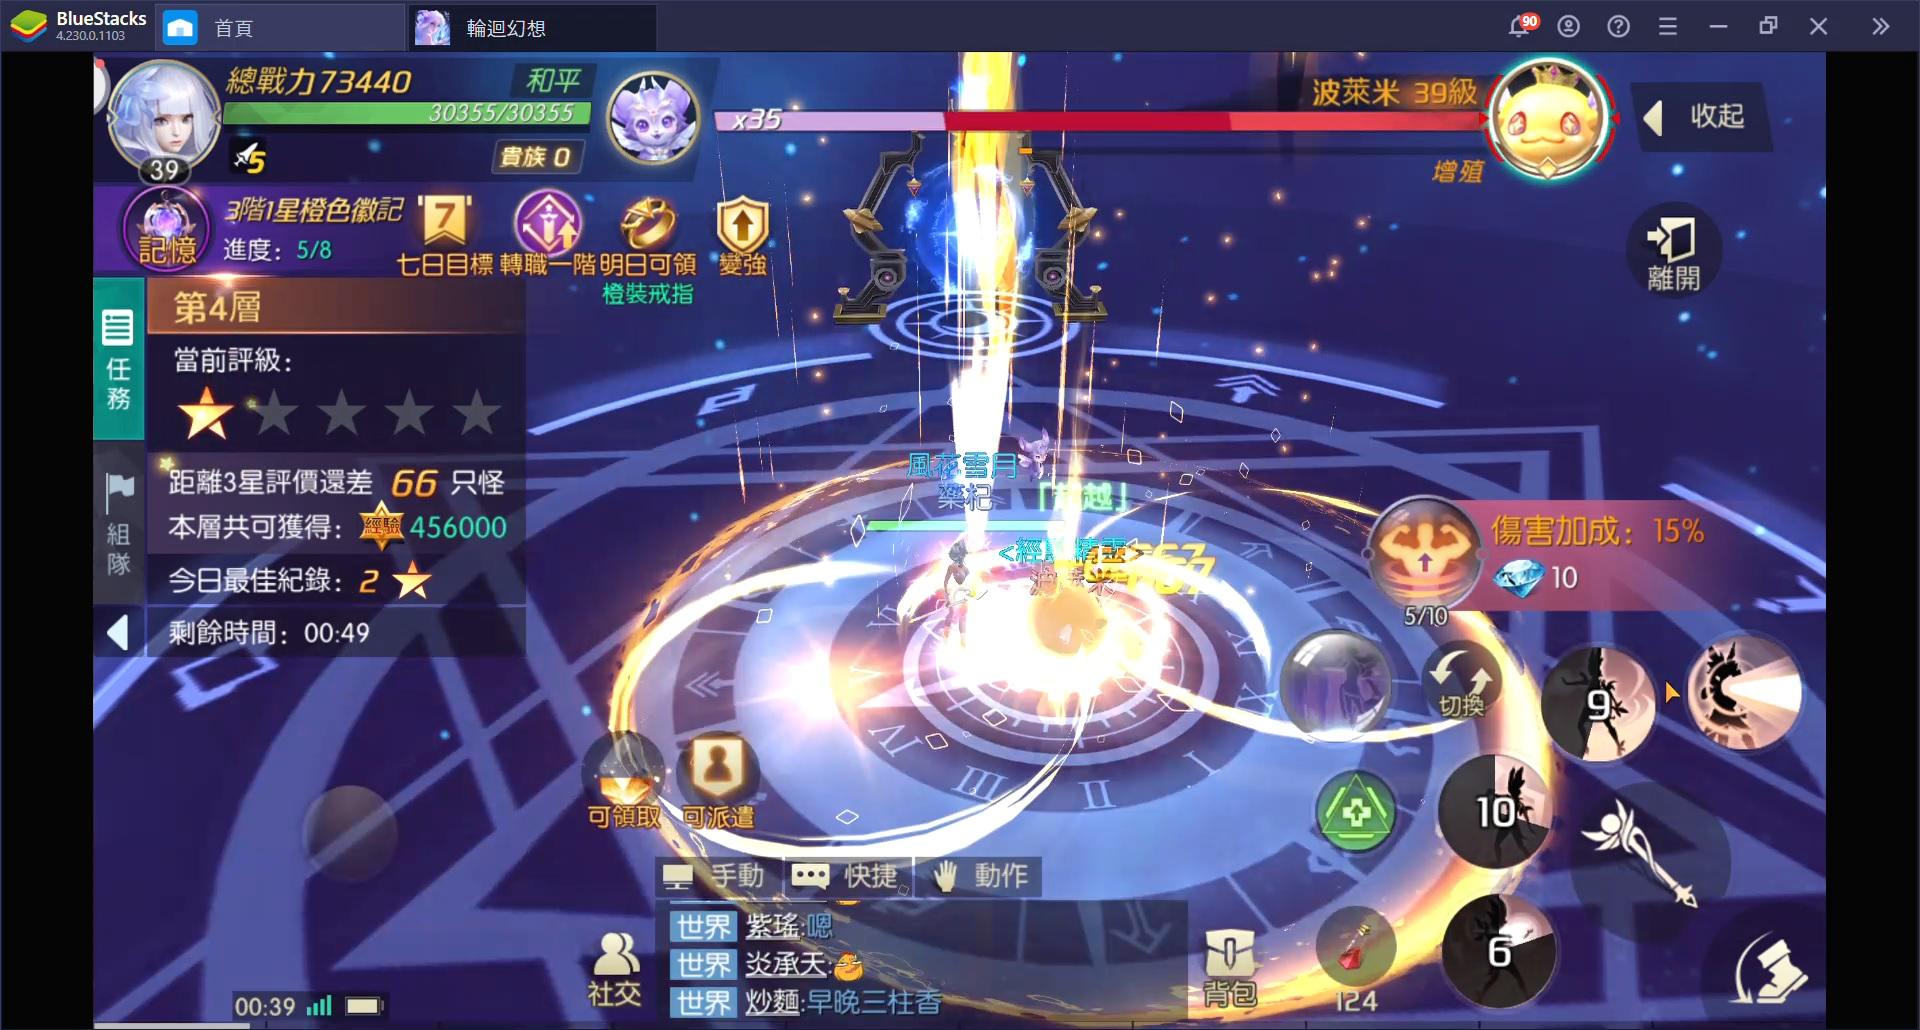 使用BlueStacks在PC上體驗奇幻冒險MMO遊戲《輪迴幻想》